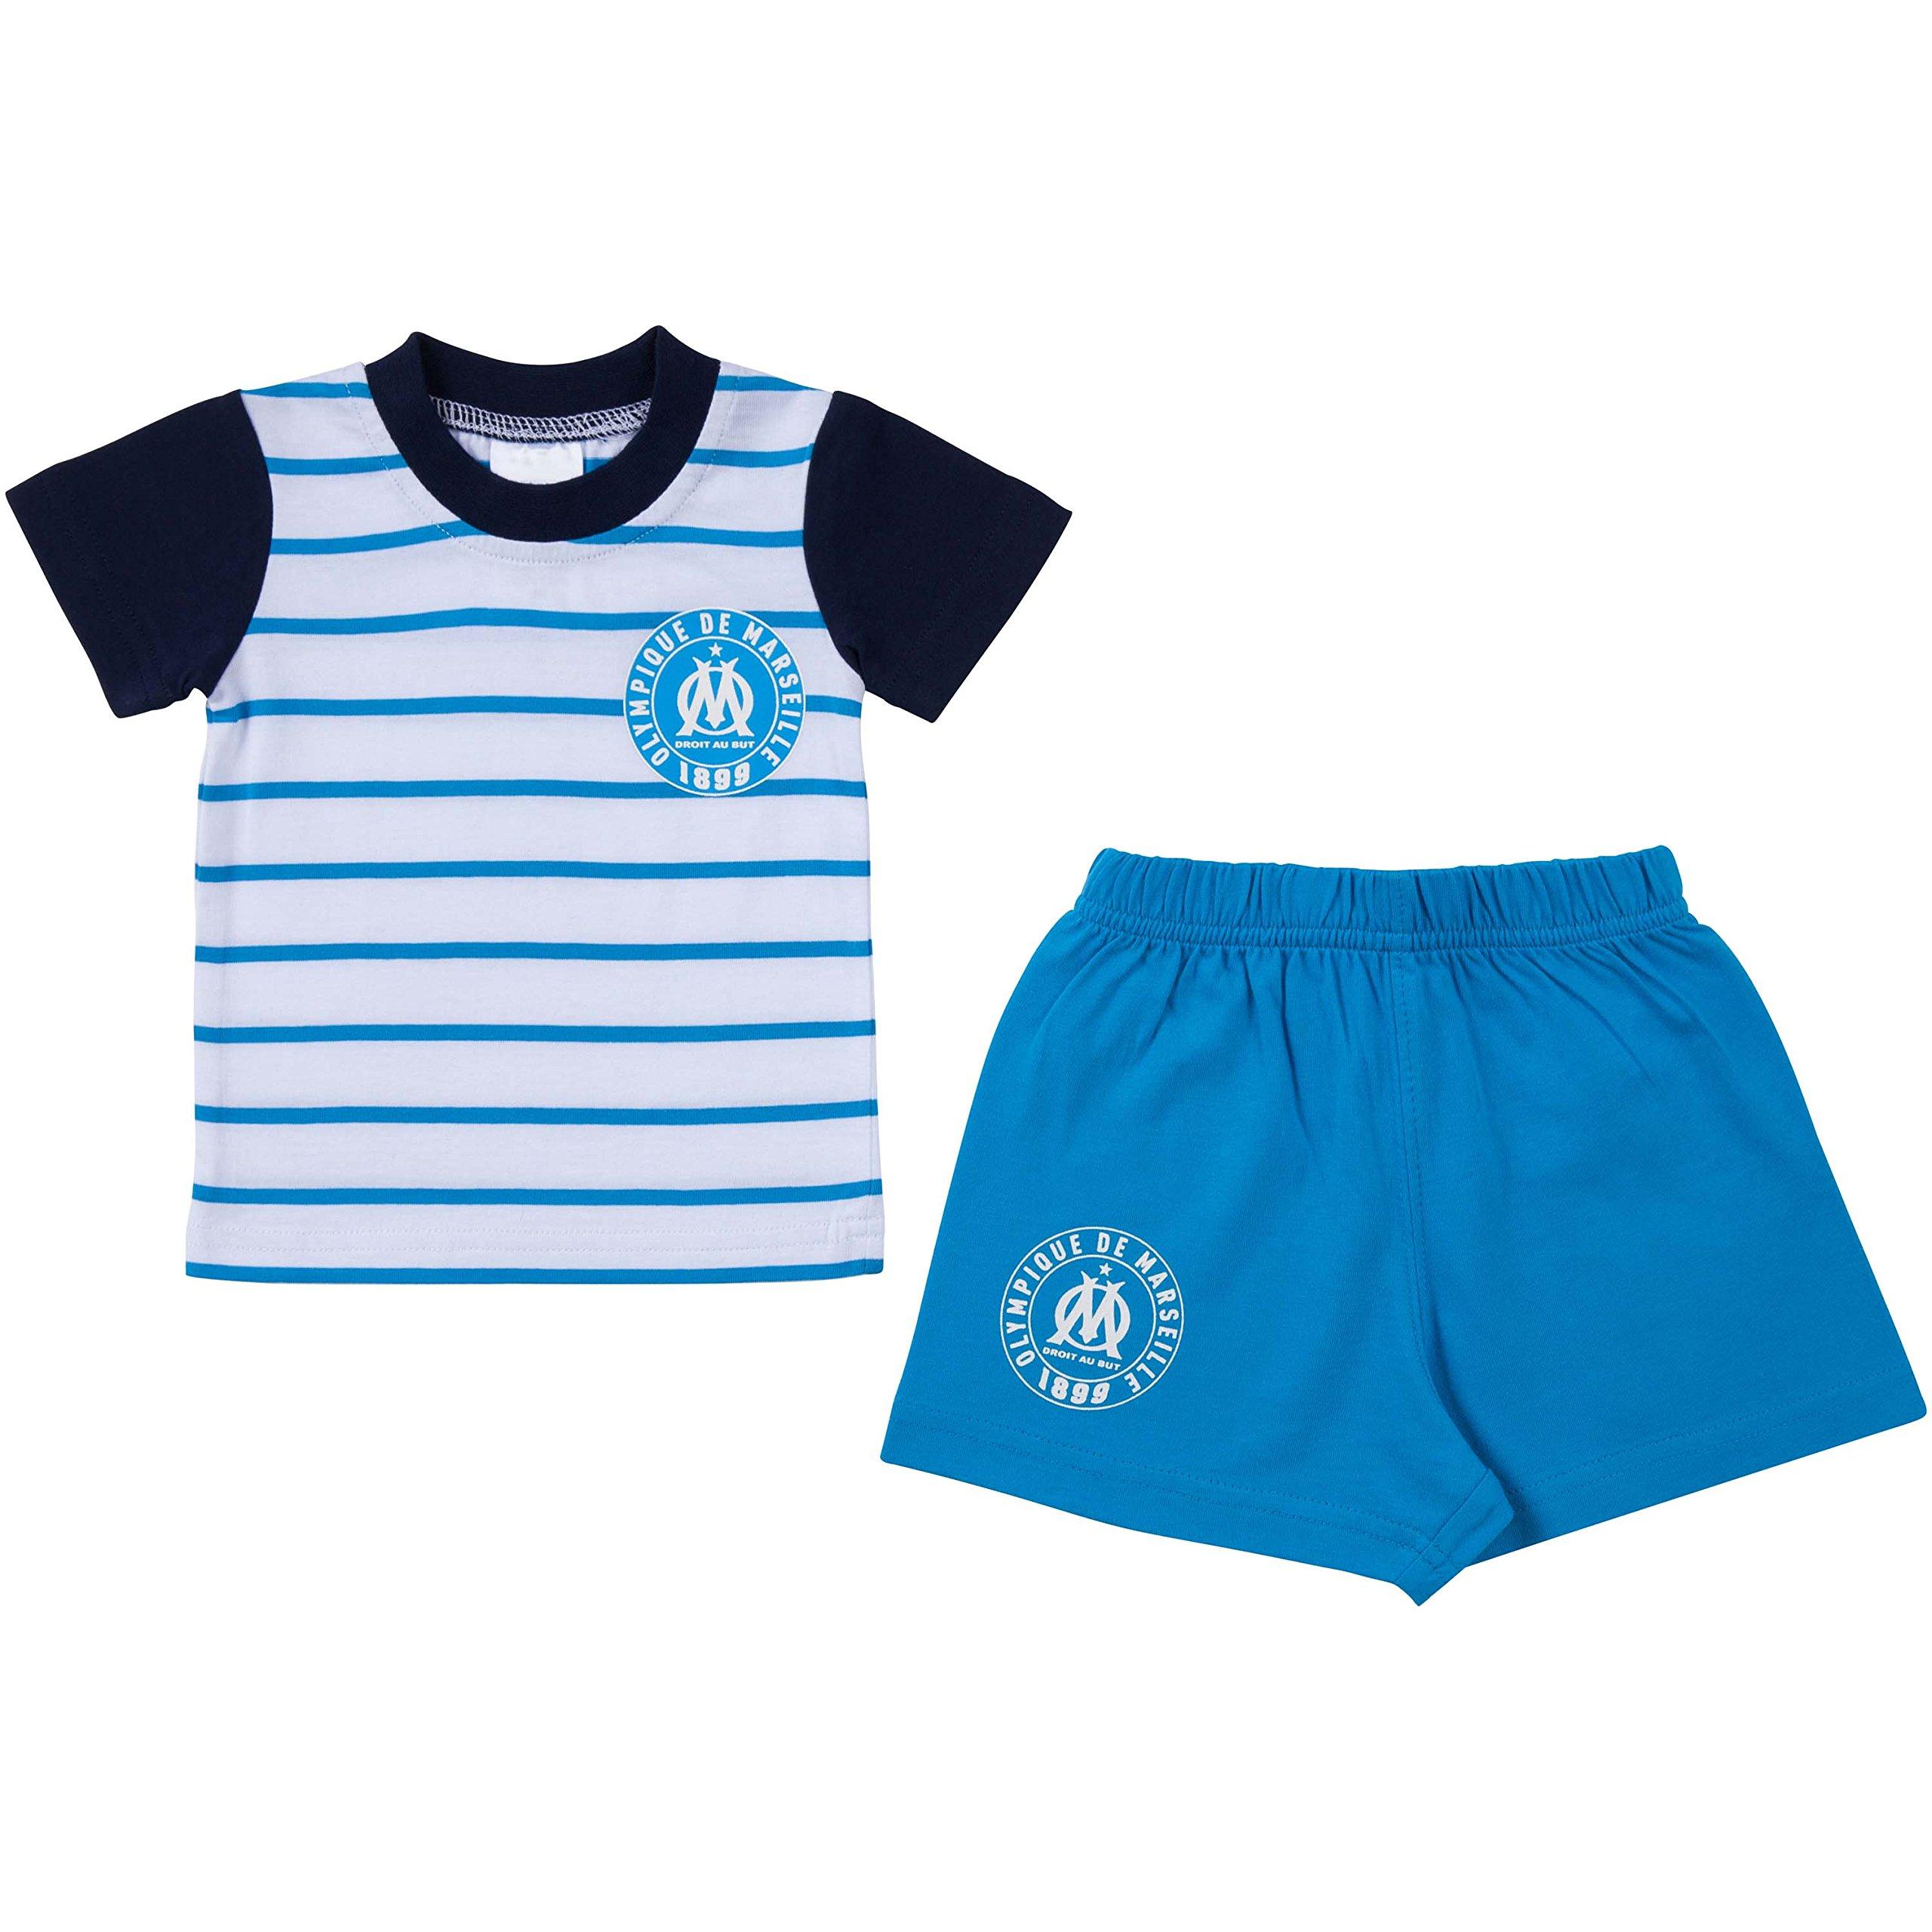 Insieme Bambino Maglietta + Pantaloncini OM���Collezione ufficiale Olympique de Marseille���Dimensio